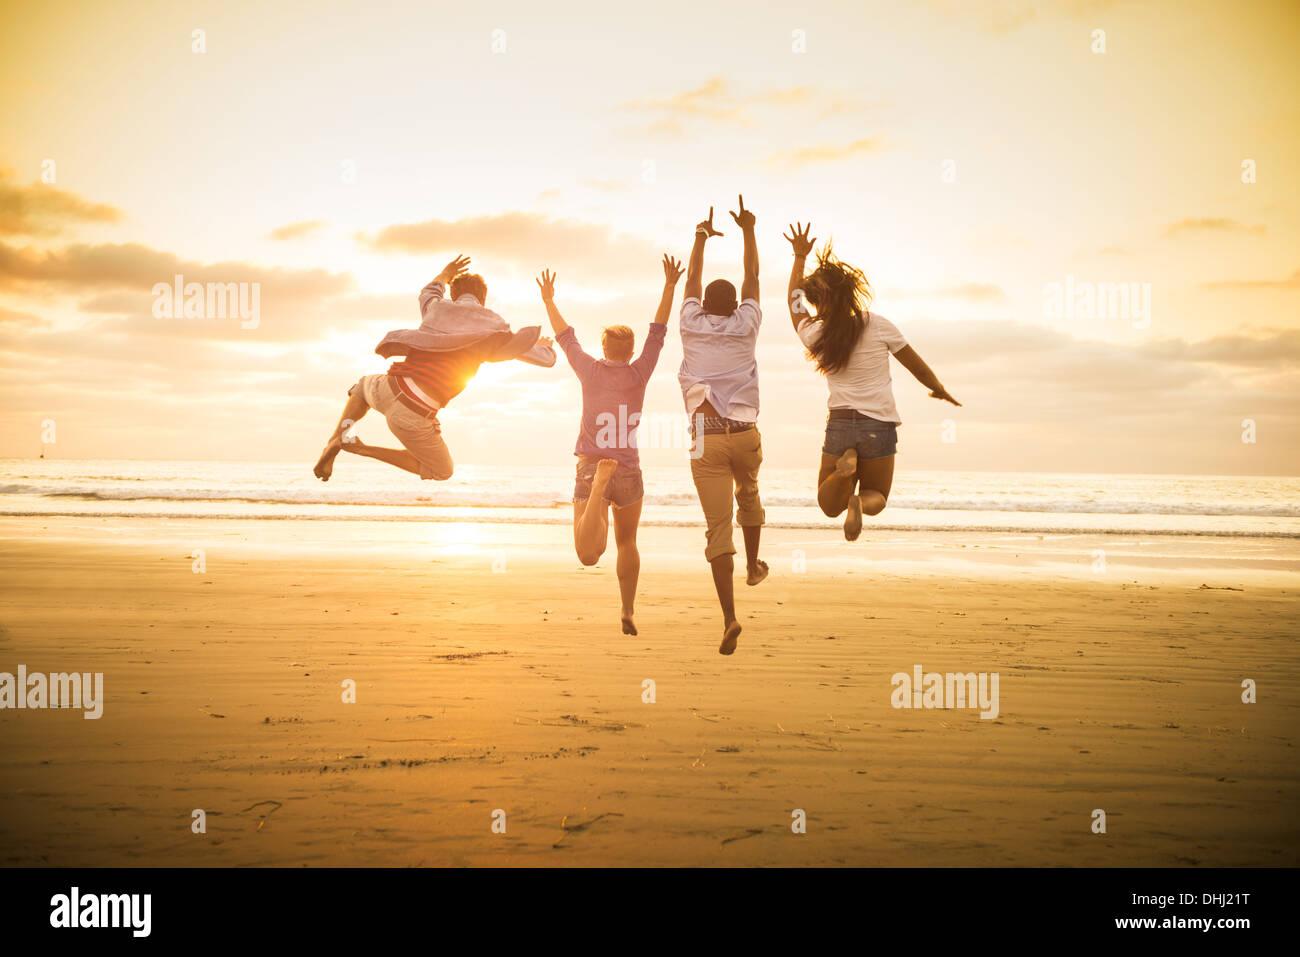 Los jóvenes saltando en Mission Beach, San Diego, California, EE.UU. Imagen De Stock